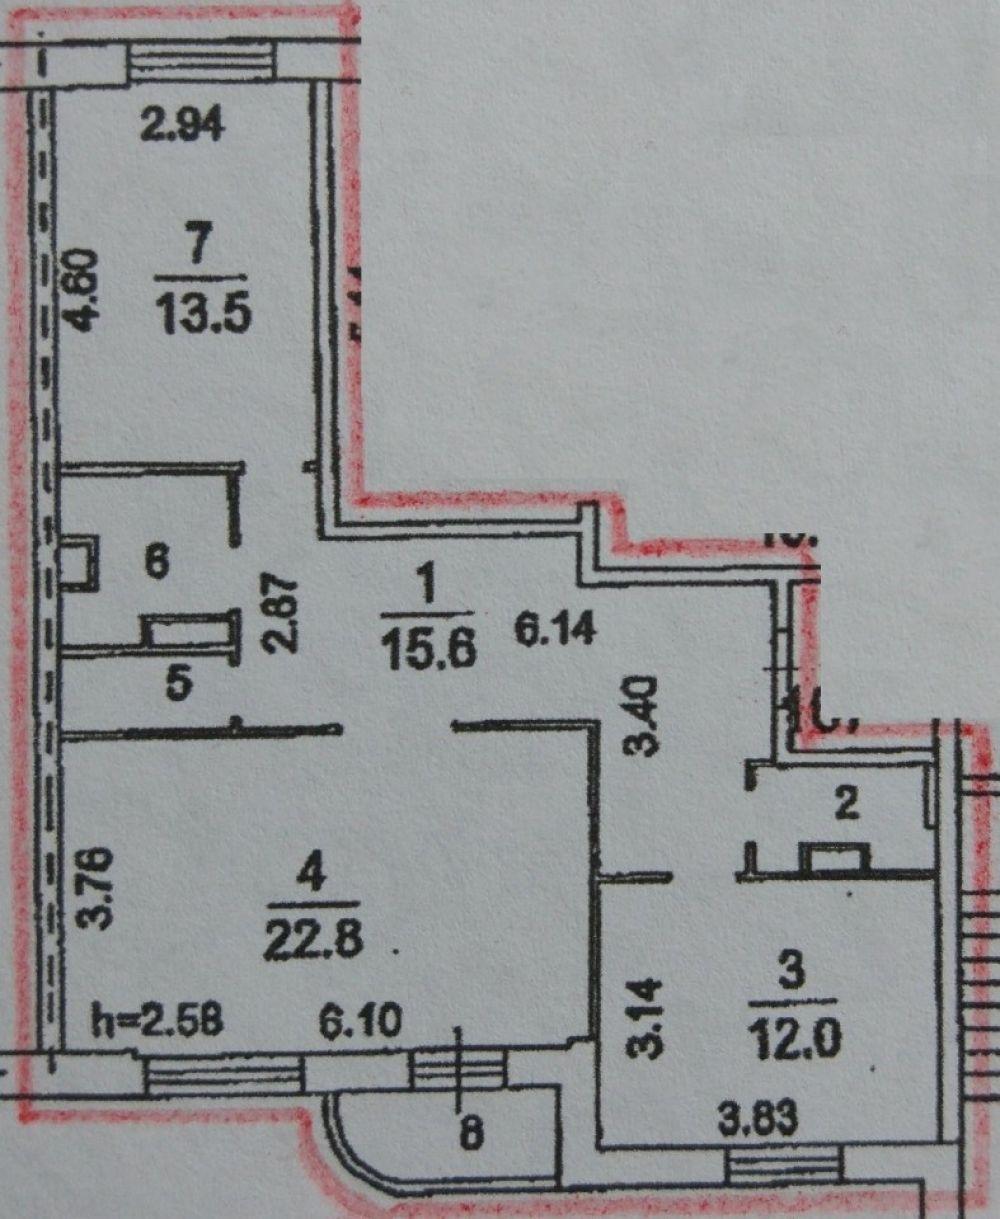 2-к квартира, Щёлково, Богородский, 10к1, фото 1